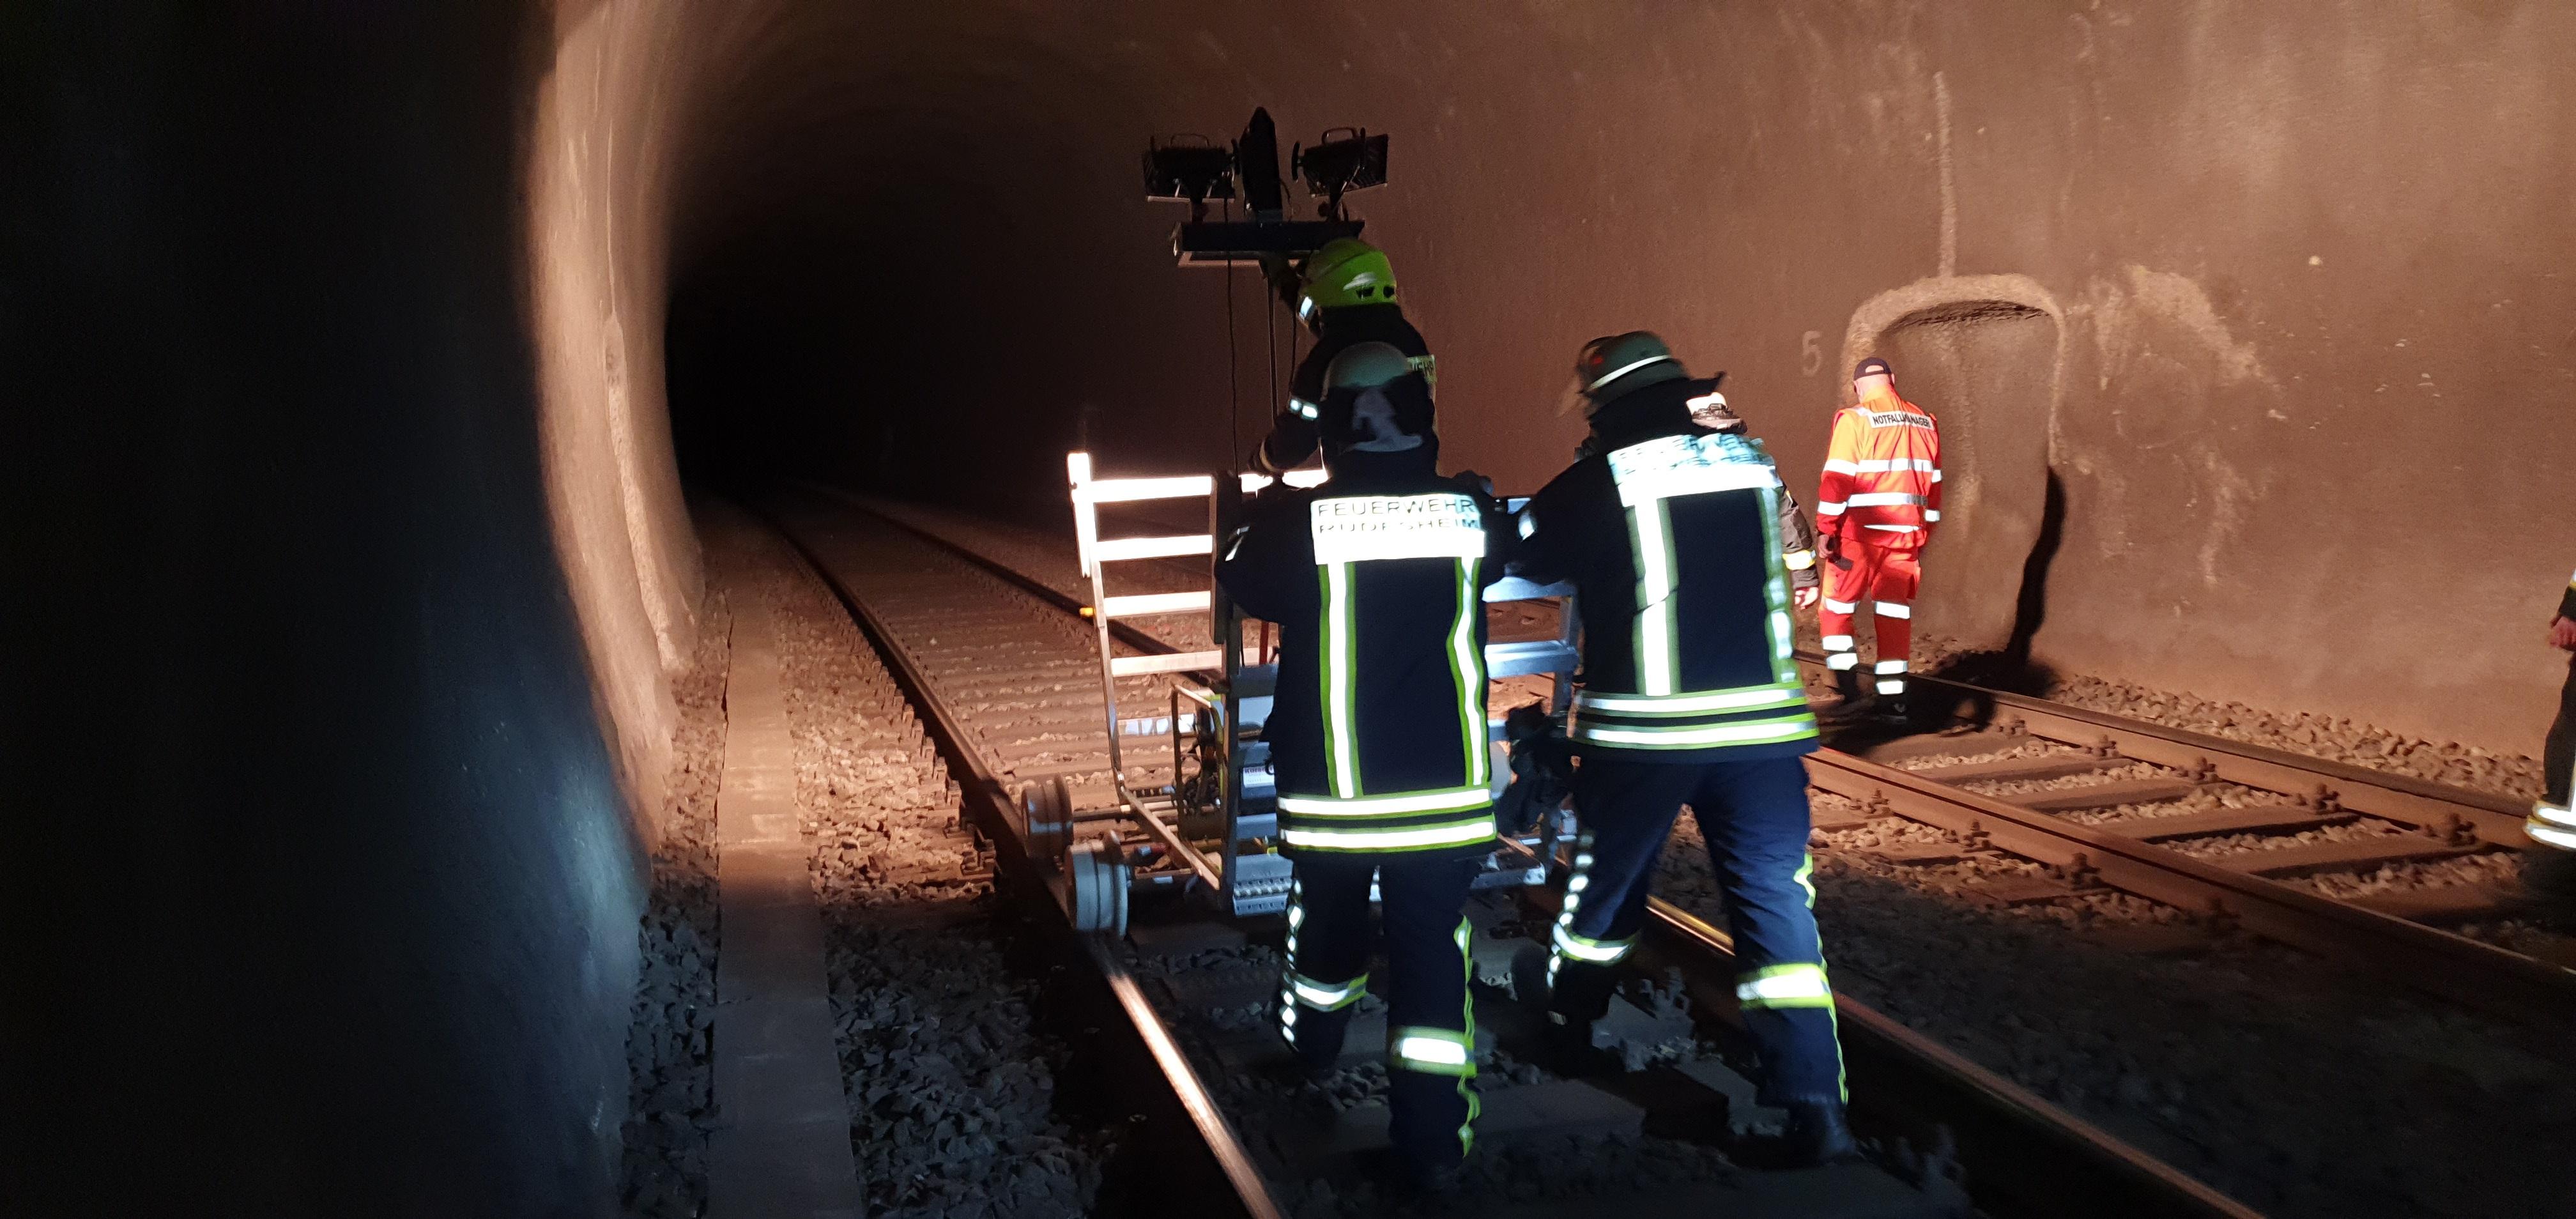 20191029_Ausbildung Bahn Norheim (21)